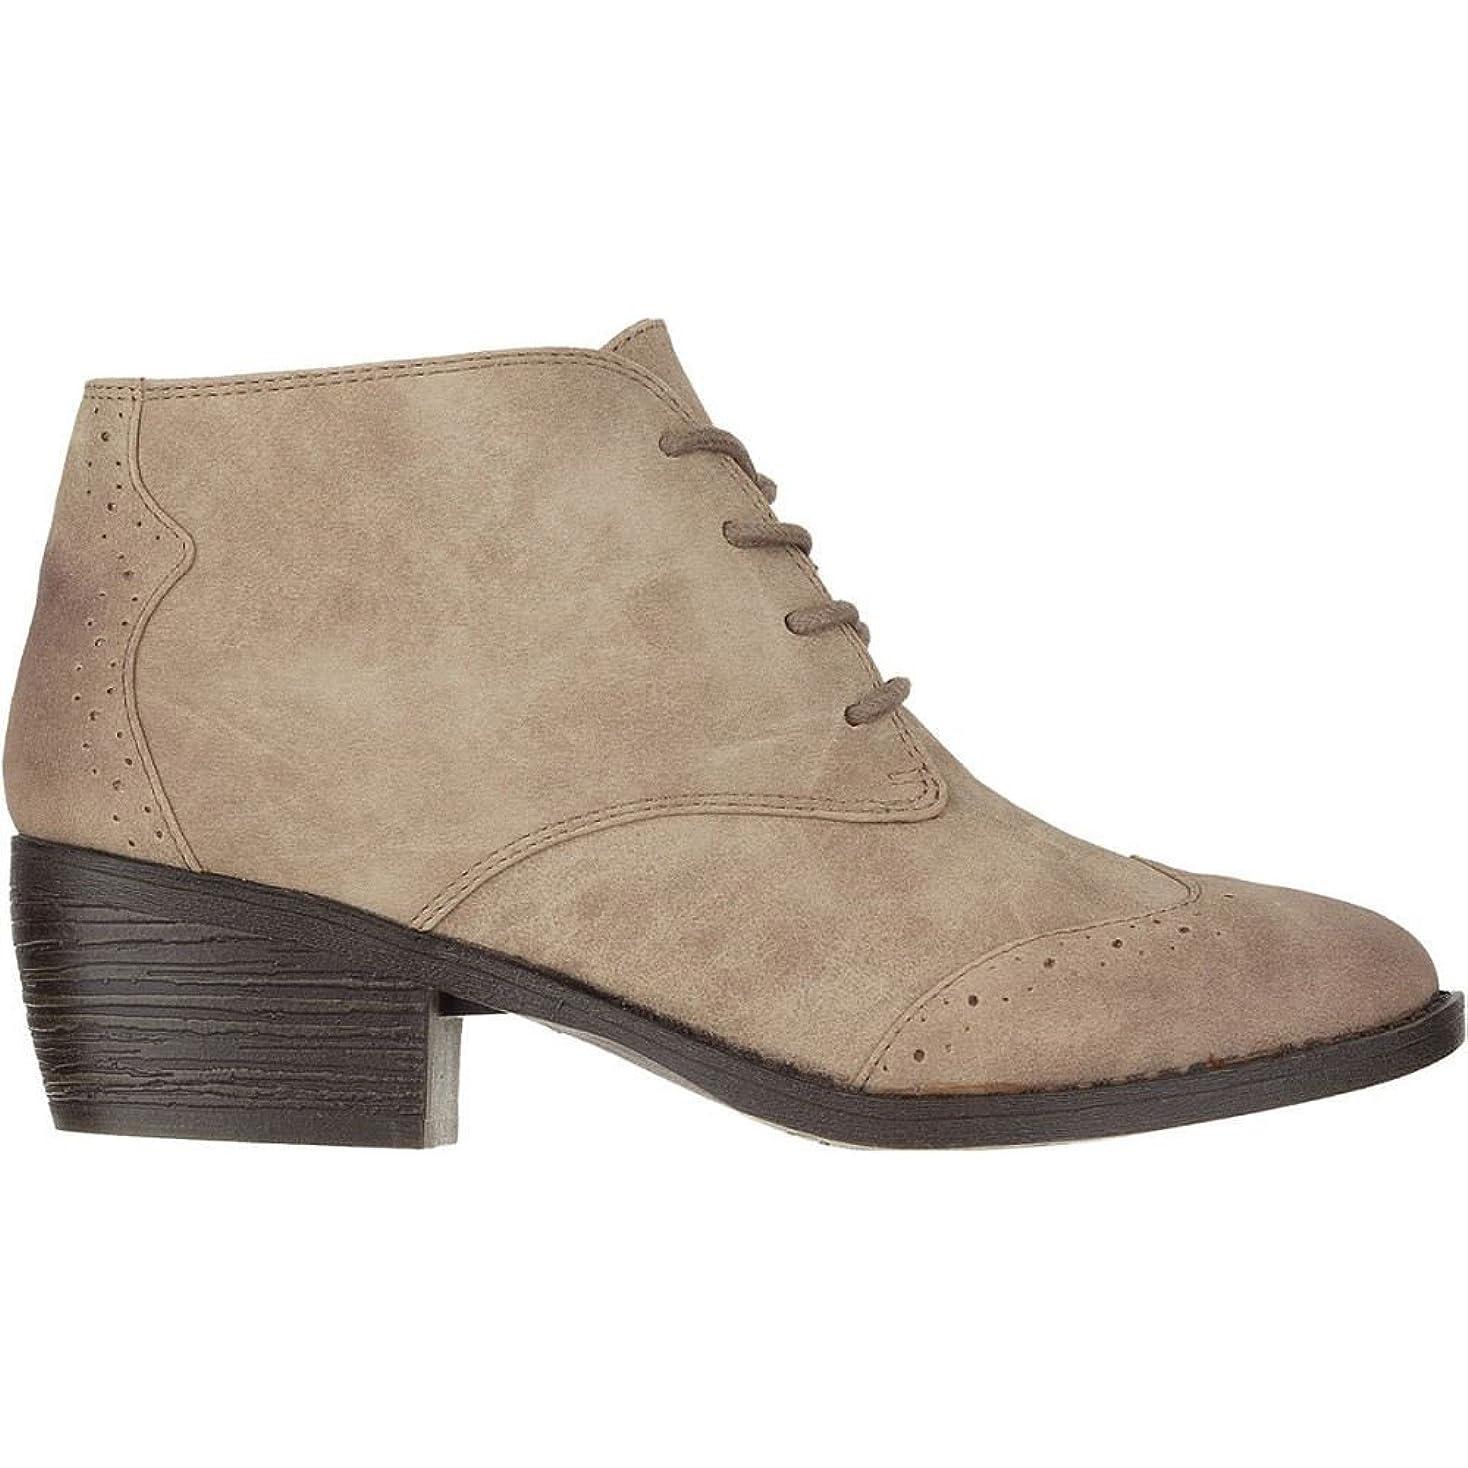 ヤギ不実名前で(BC フットウェア) BC Footwear レディース シューズ?靴 ブーツ Ally Boot [並行輸入品]